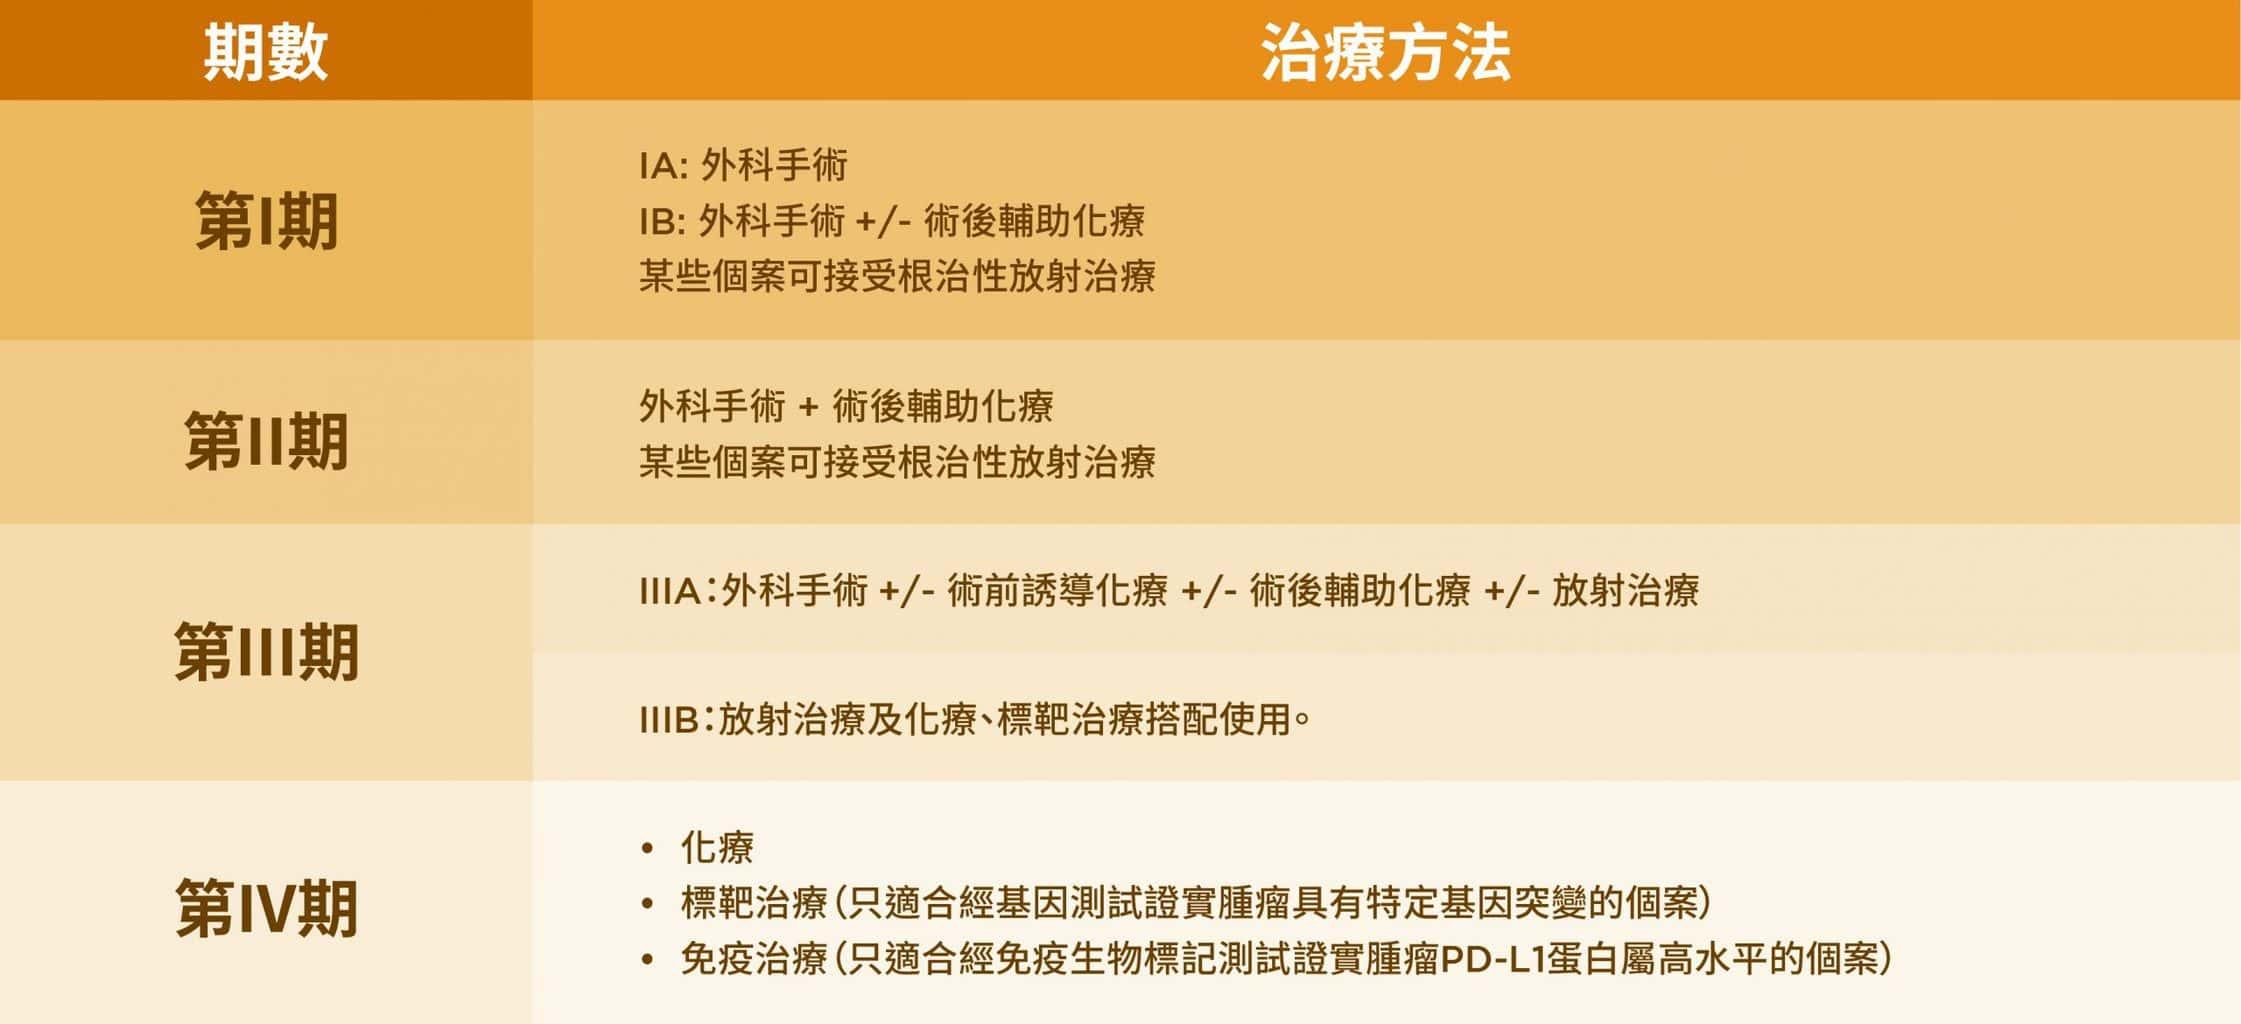 肺癌-肺癌的治療-李宇聰醫生-腫瘤-癌症-治療-治療方法